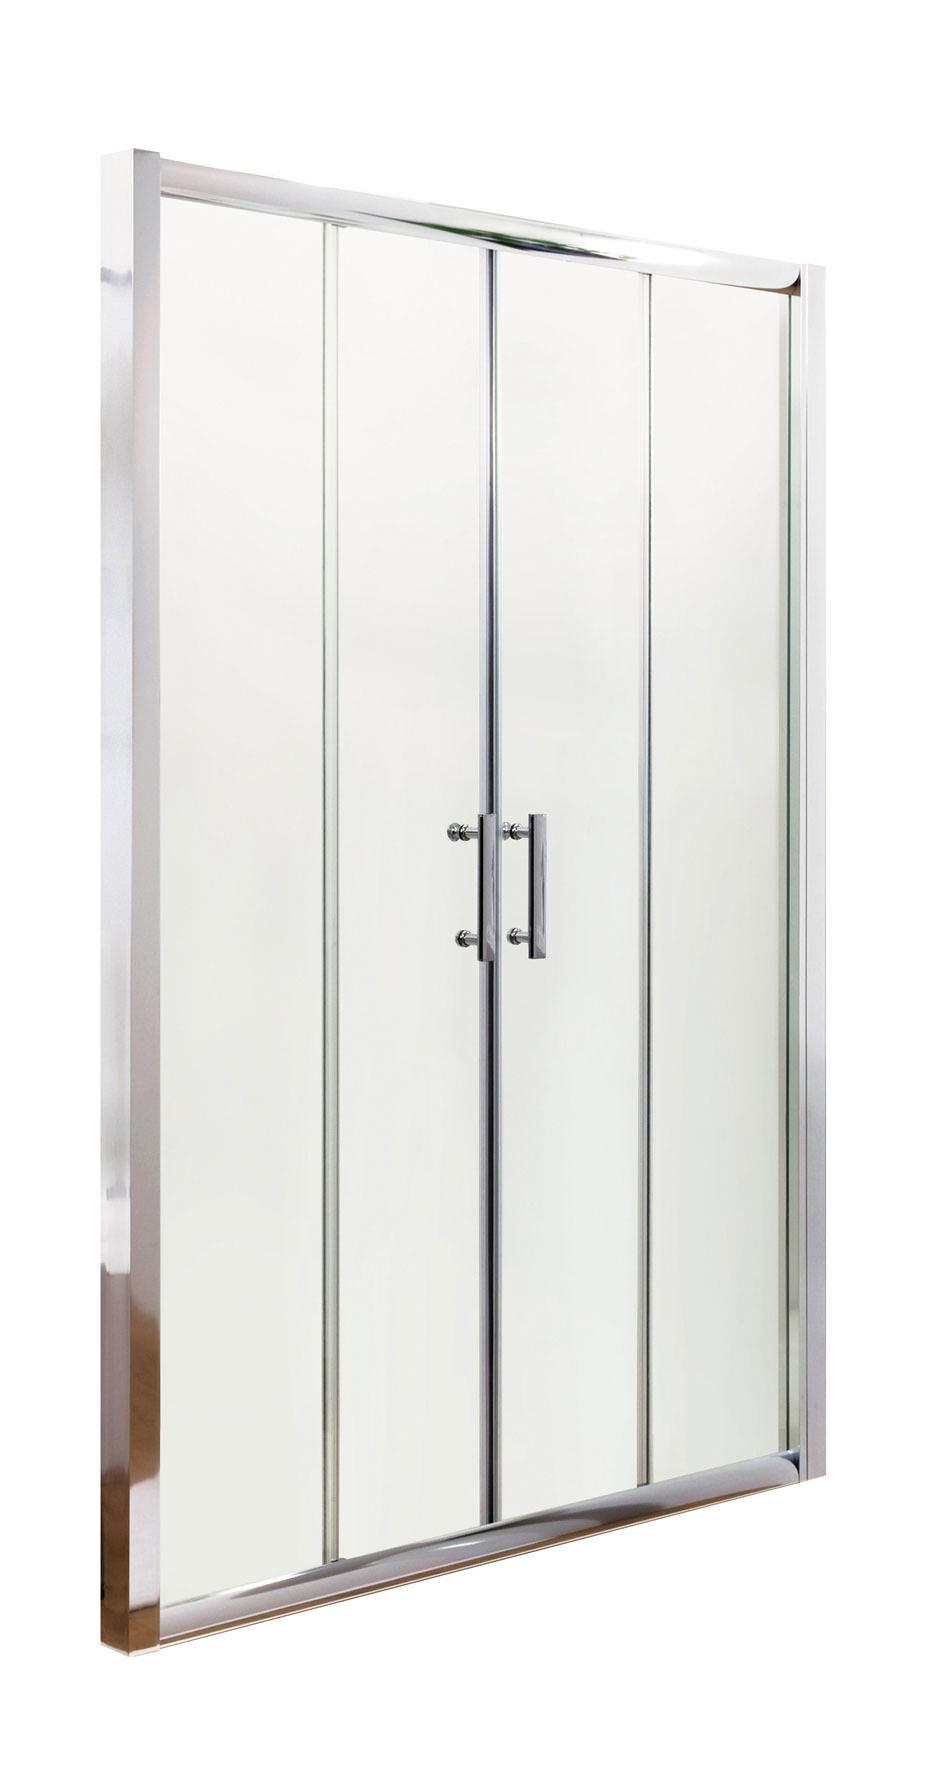 Lauren pacific double sliding shower door 1500 x 1850mm for 1500 sliding shower door